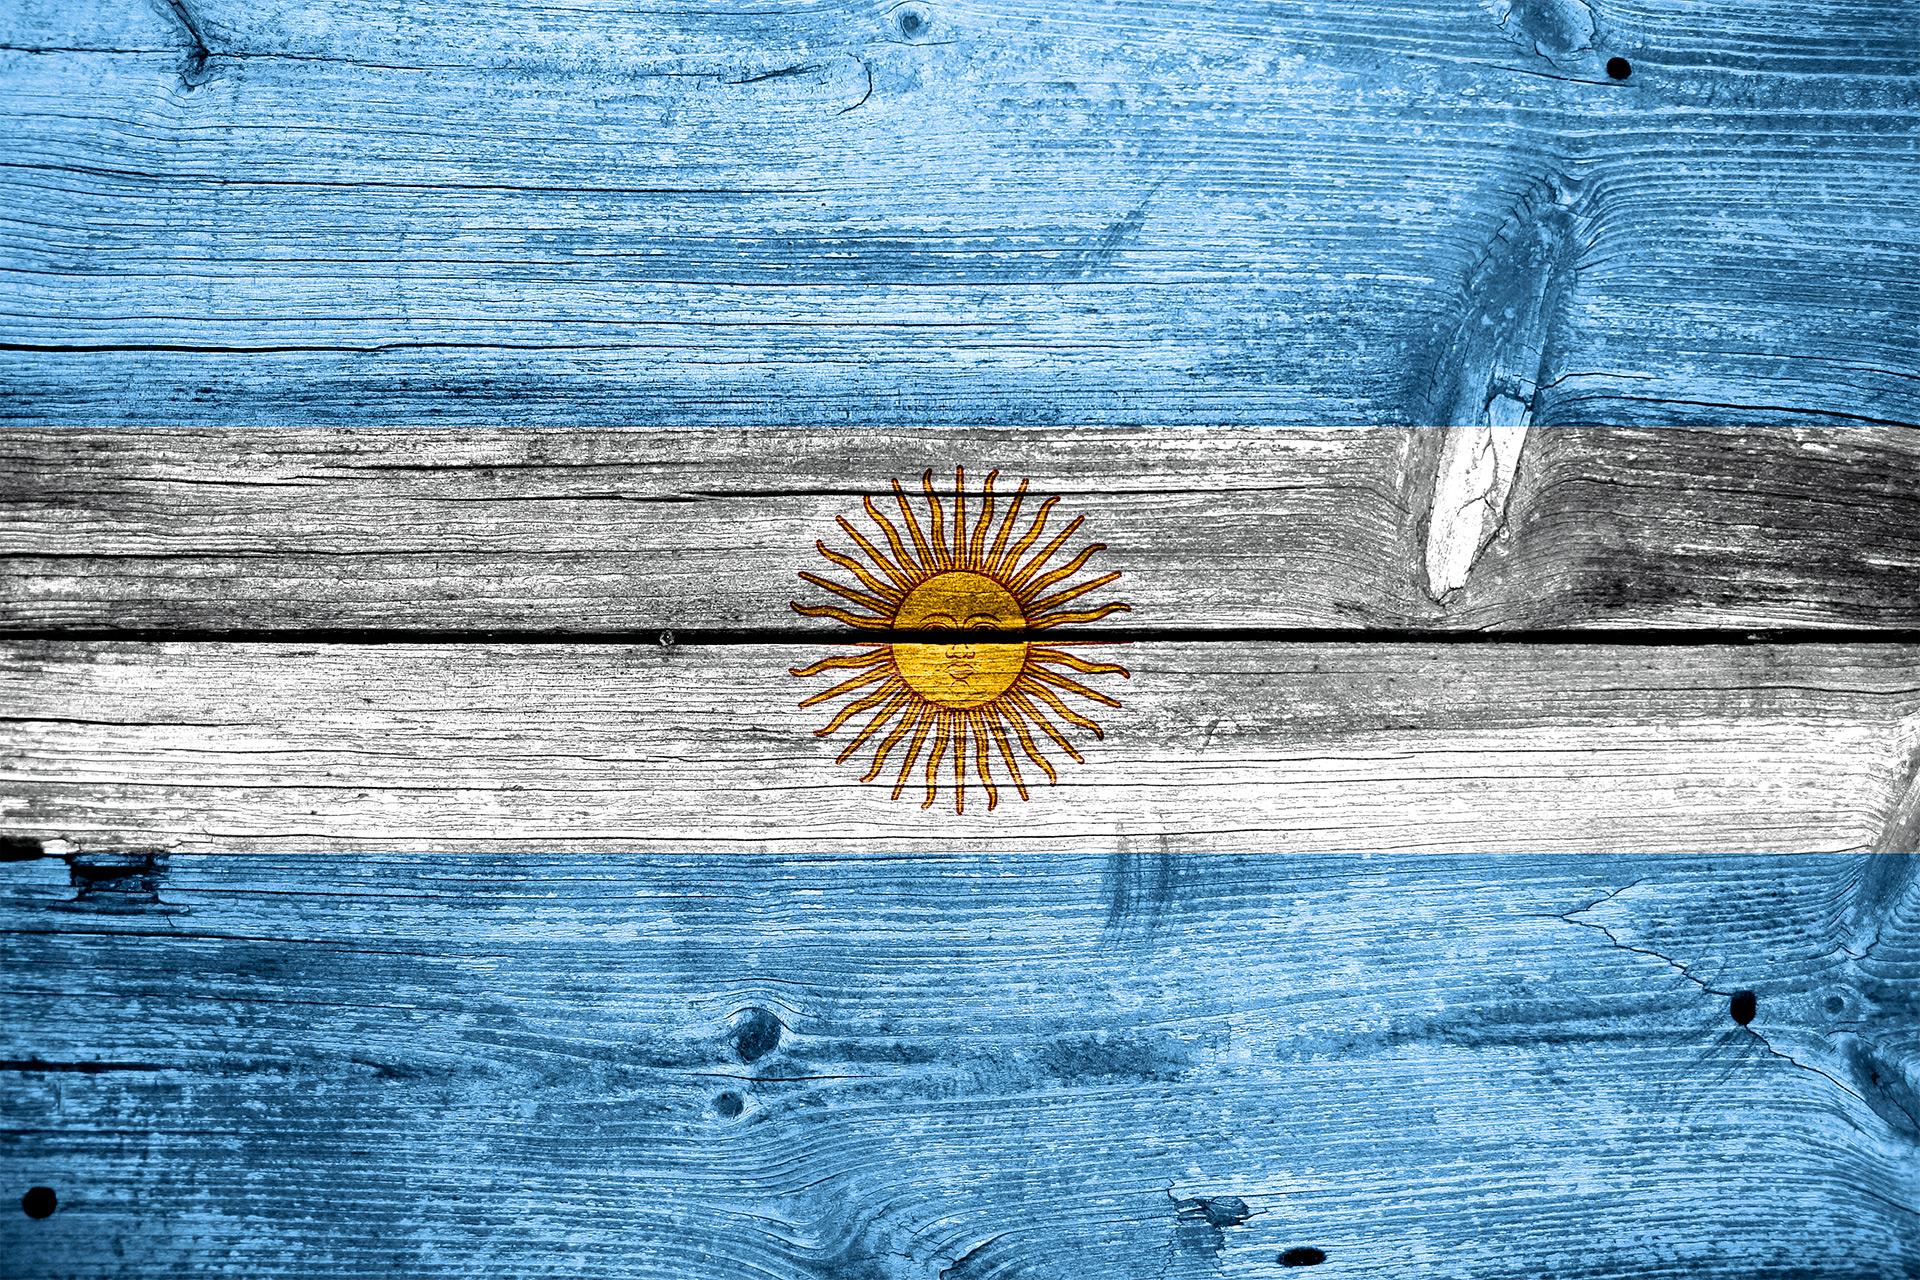 Bandeira da Argentina pintada em madeira